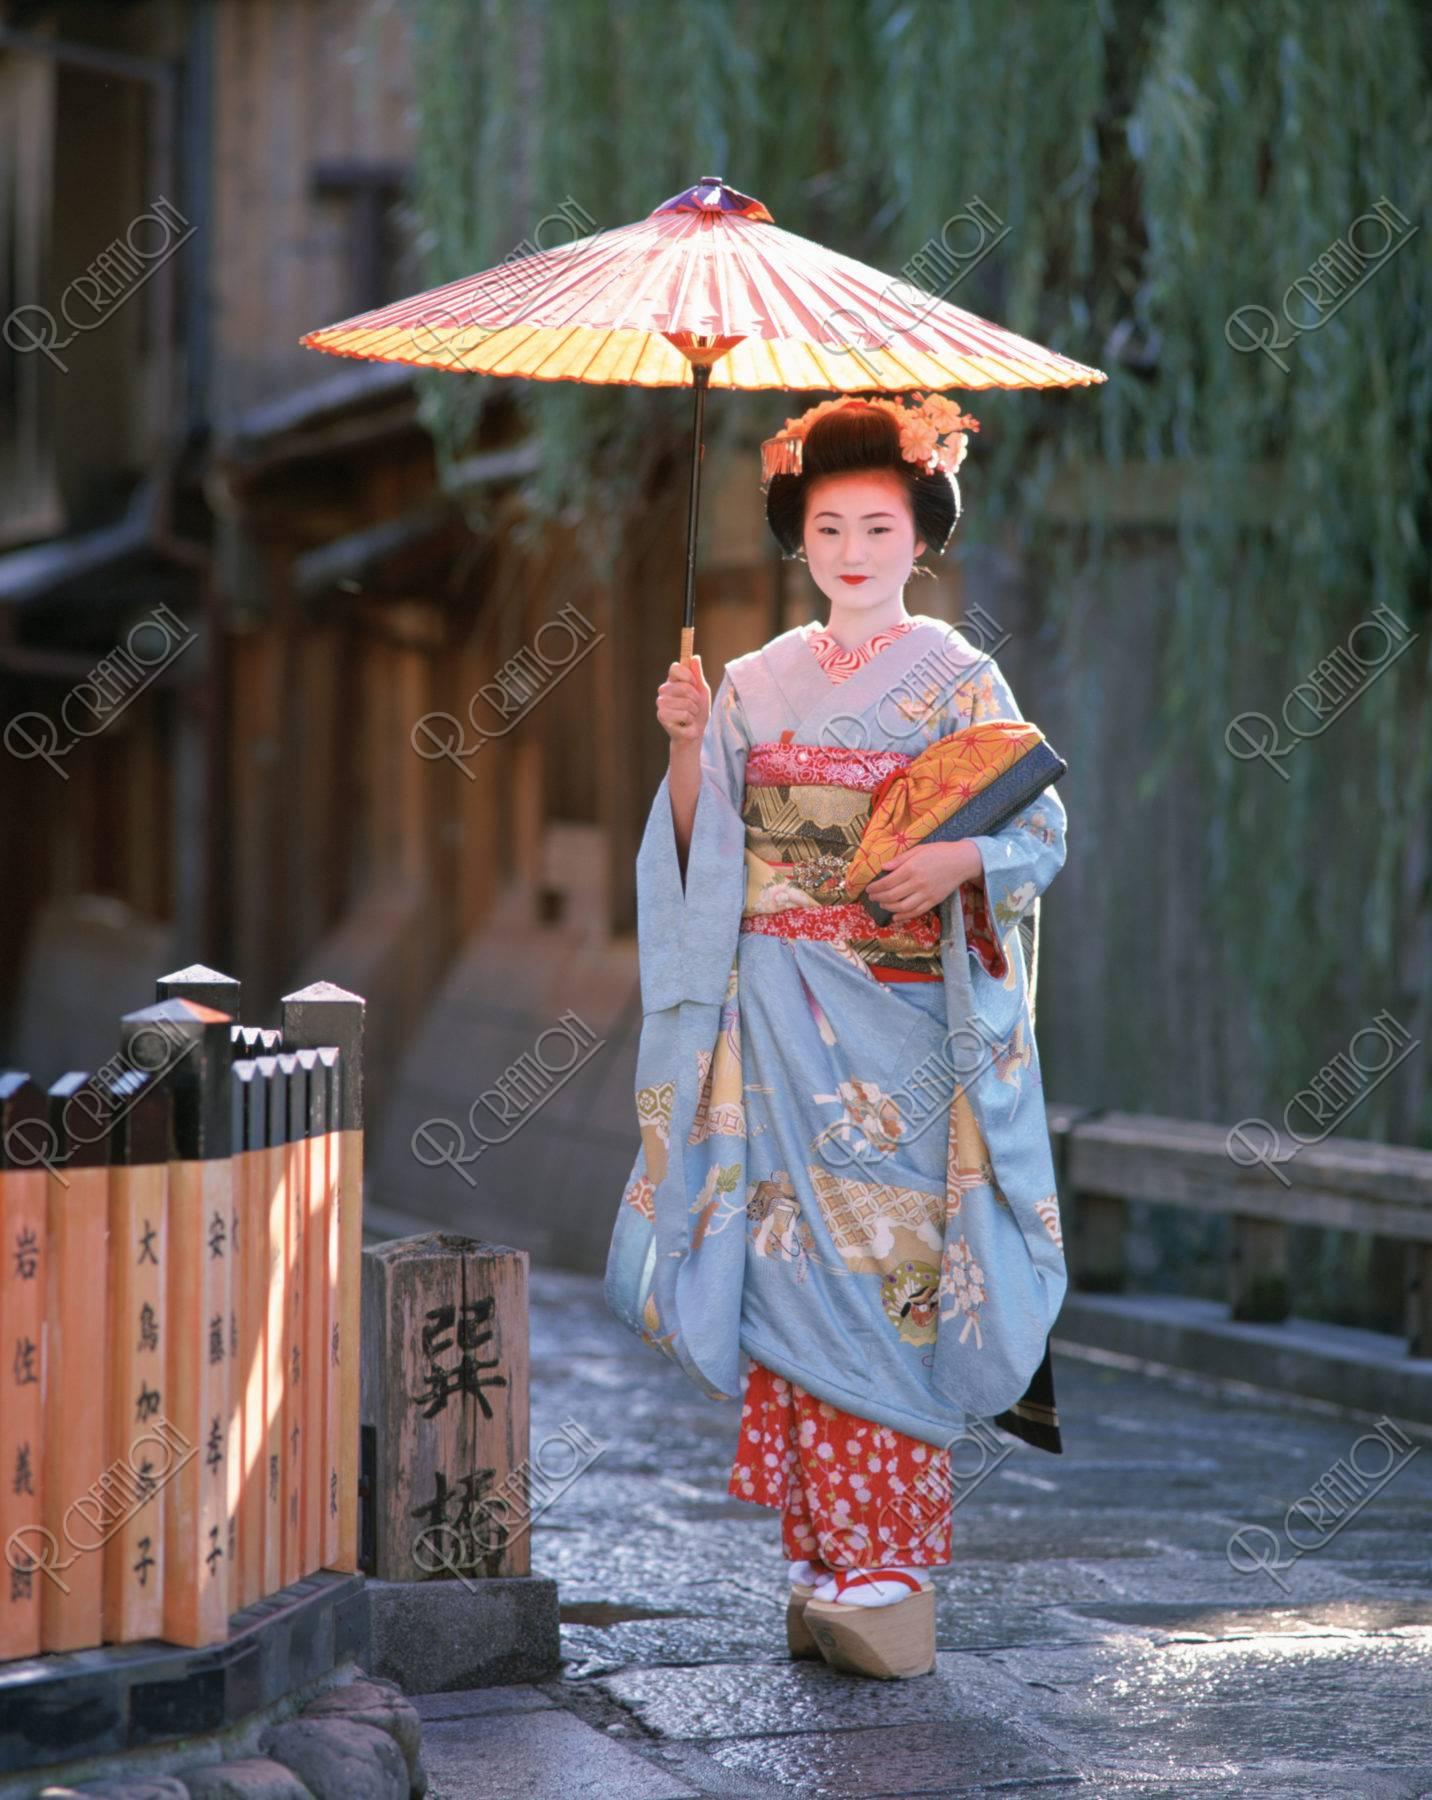 巽橋 傘をさす舞妓